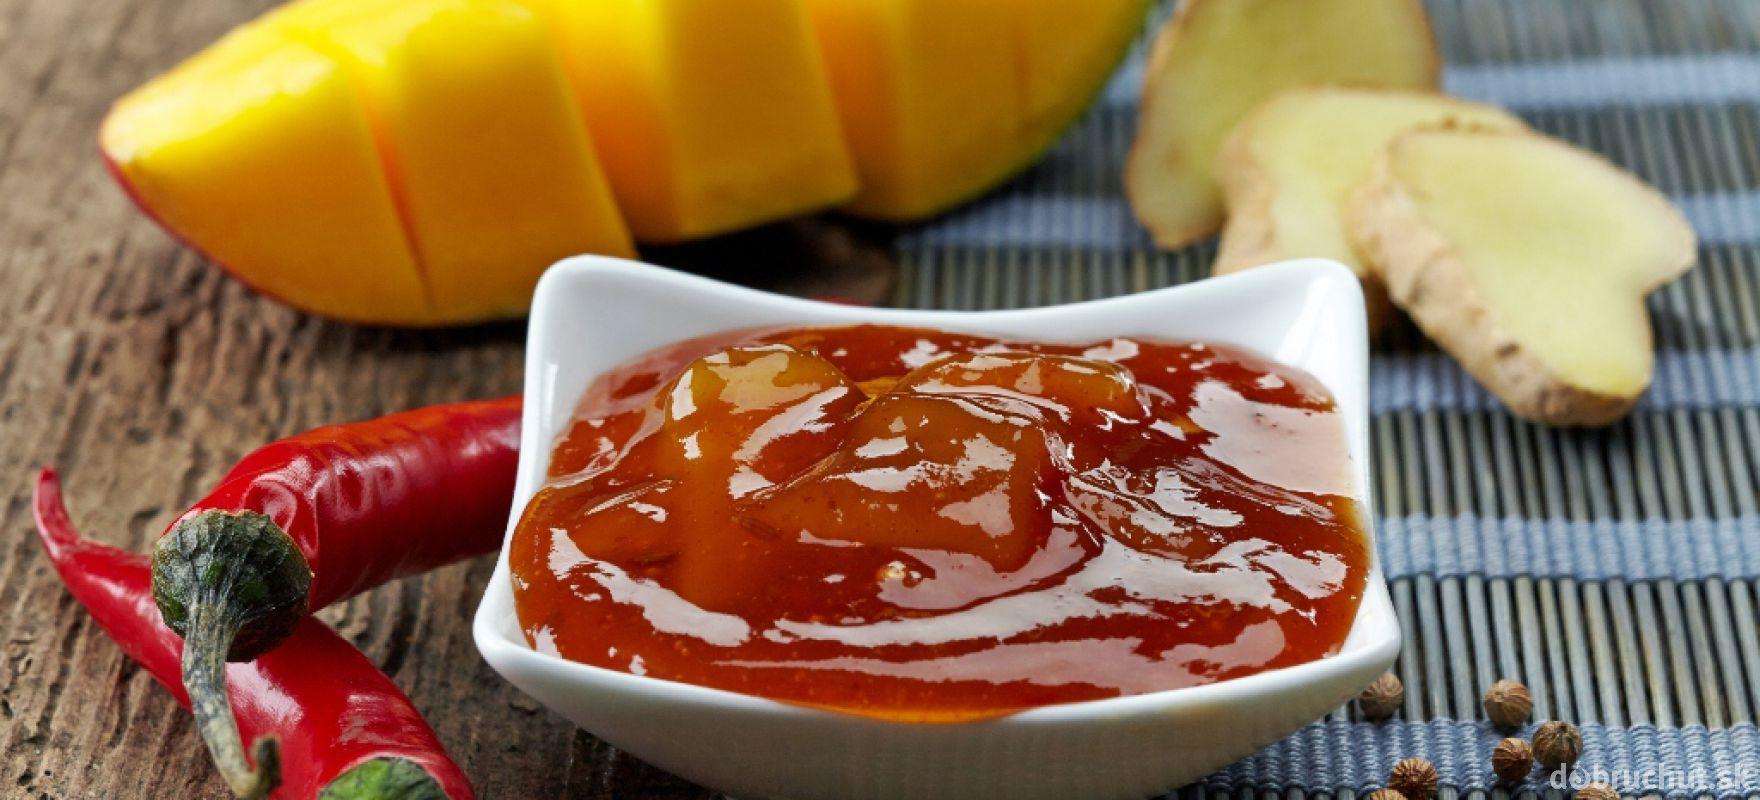 Sladké mangové čatní